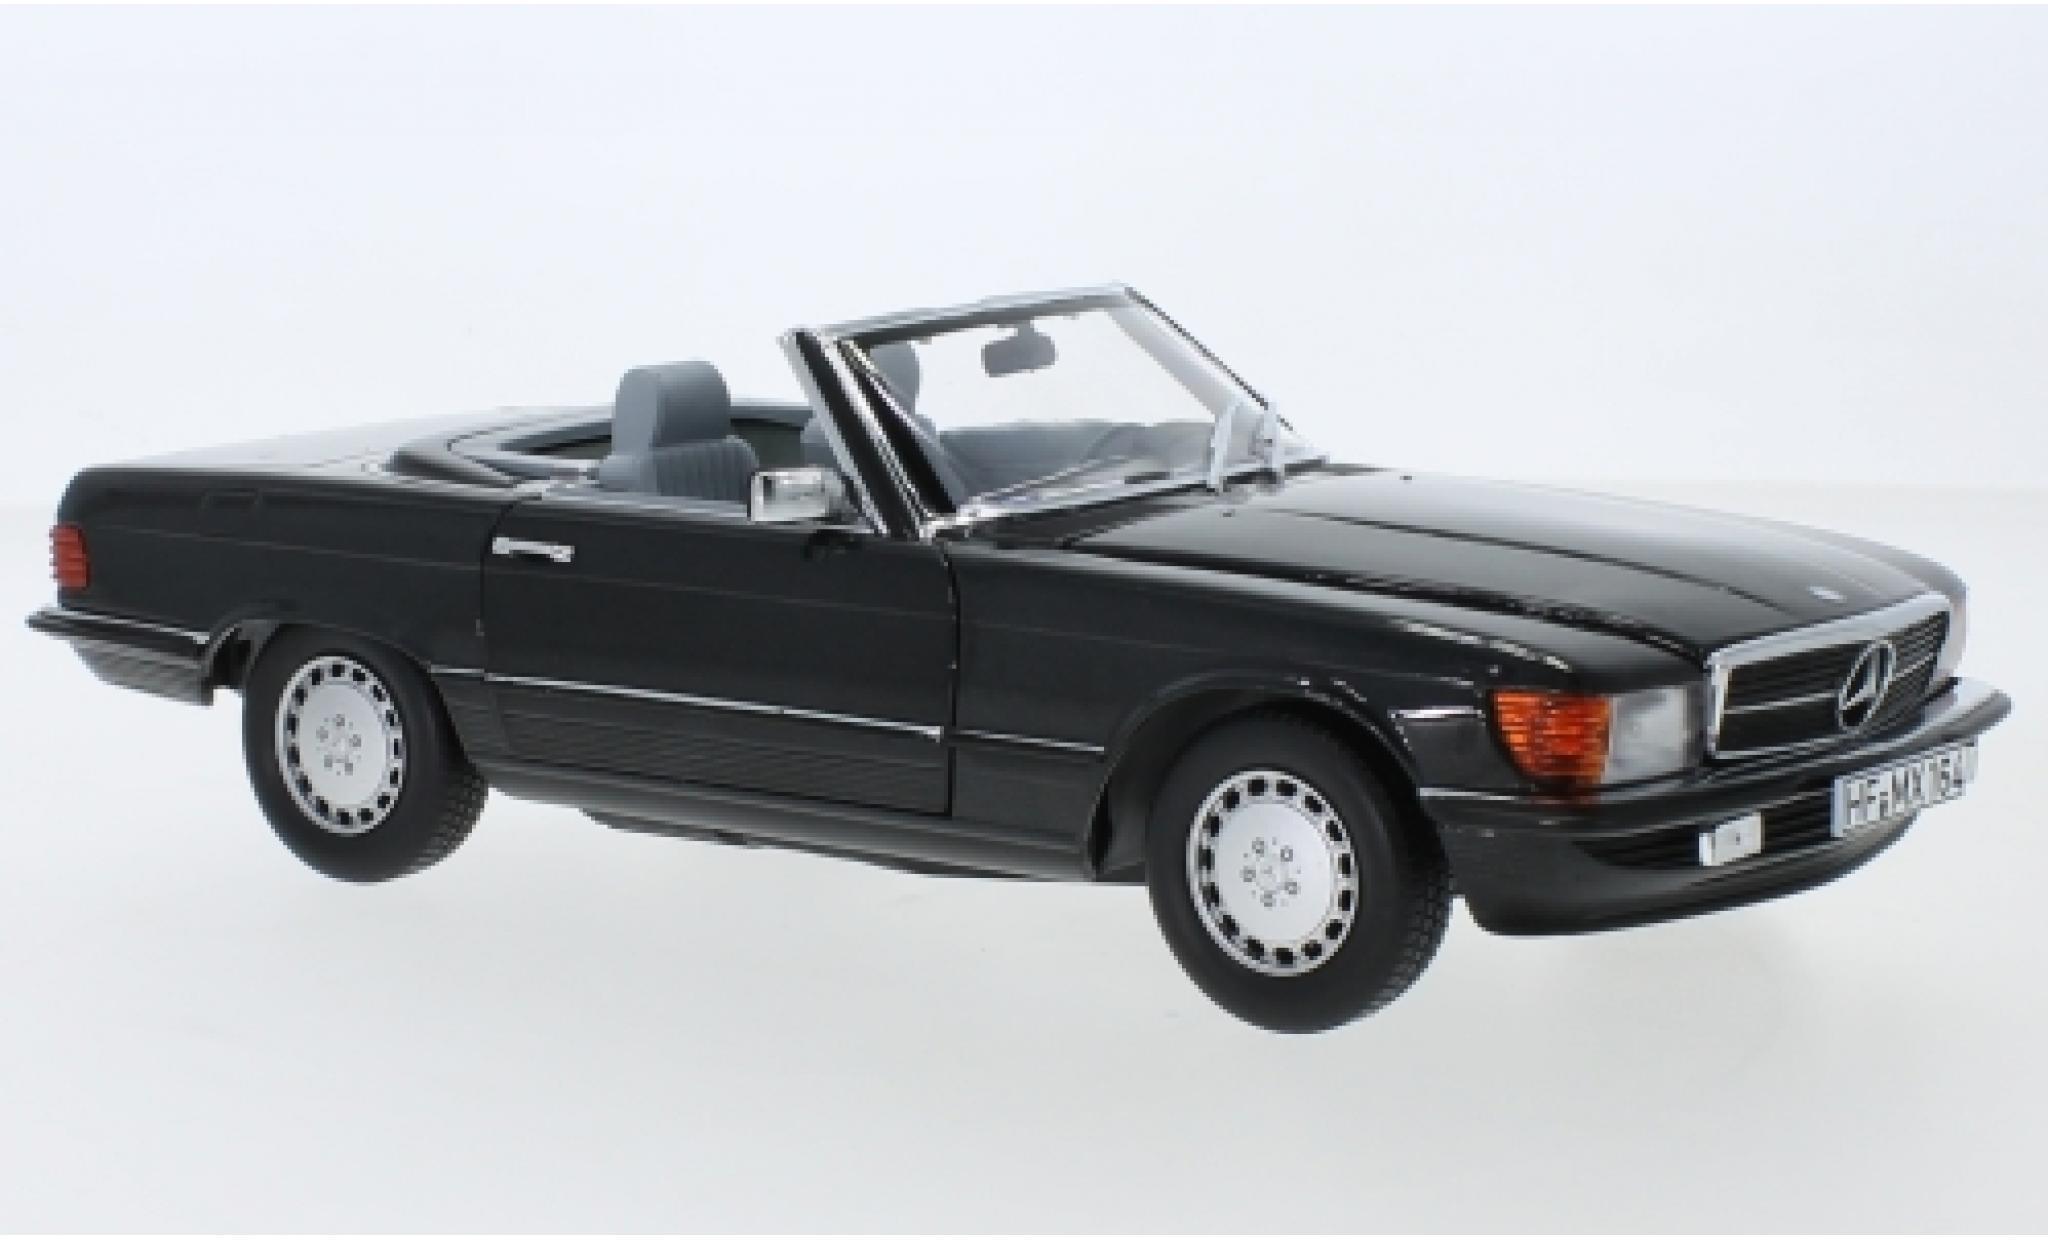 Mercedes 300 1/18 Norev SL (R107) metallise anthrazit 1986 avec détachable Hardtop